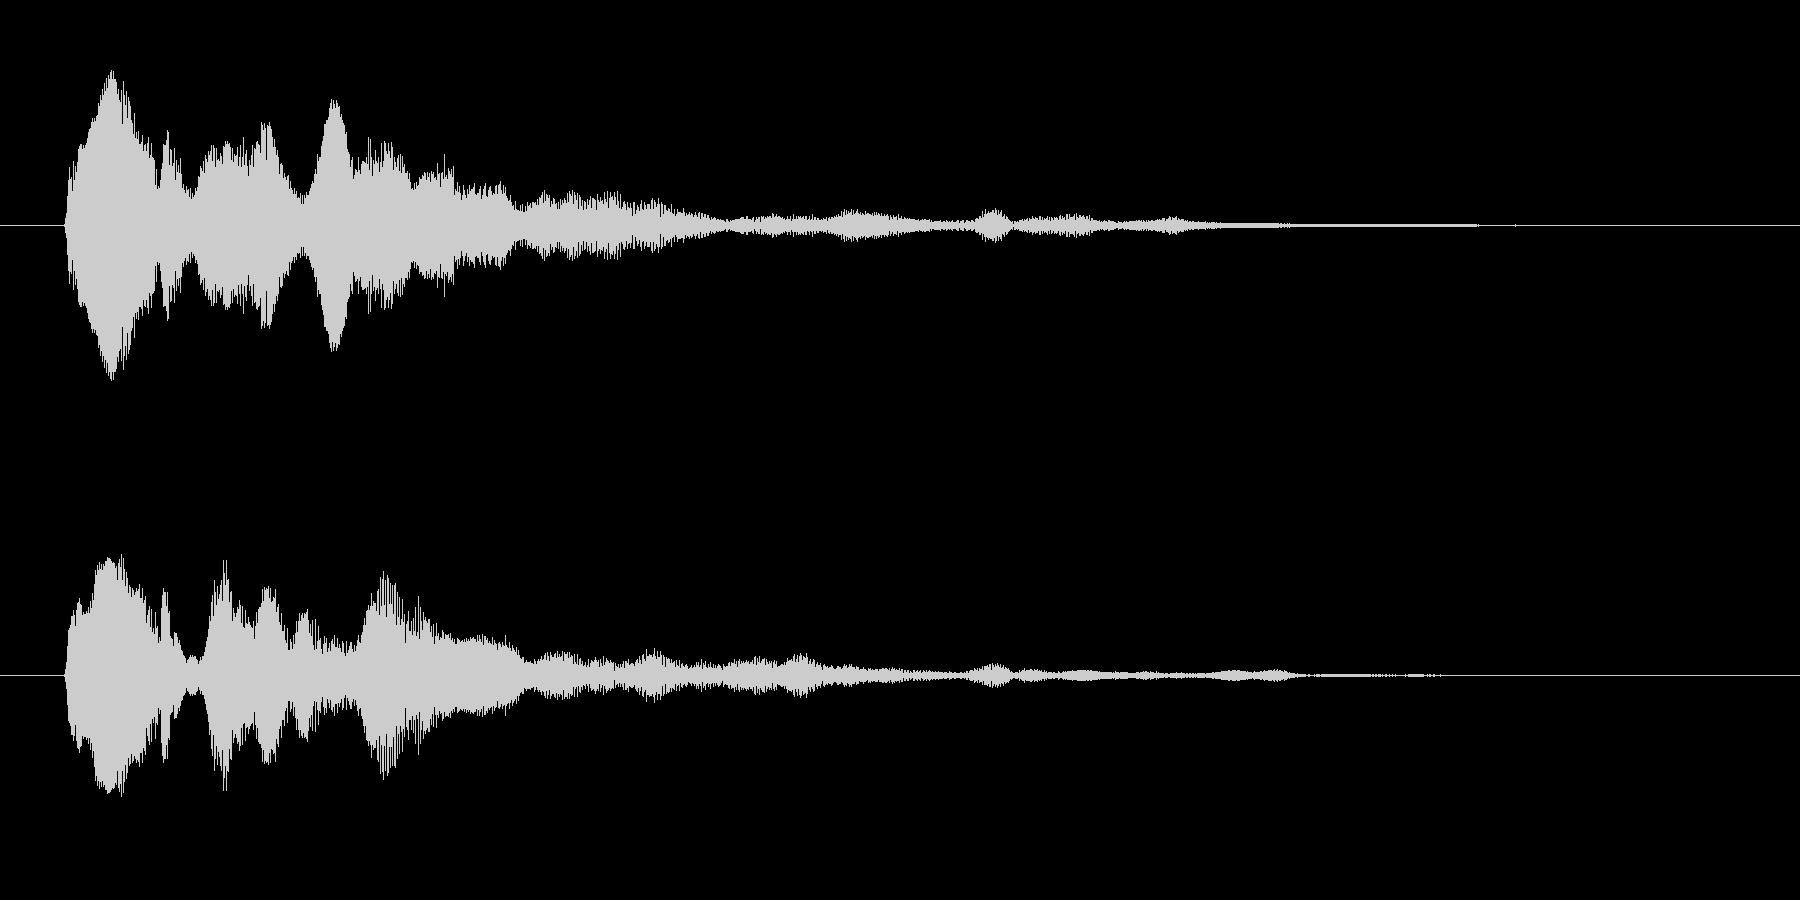 セレクト クールな決定音 通過 取得の未再生の波形